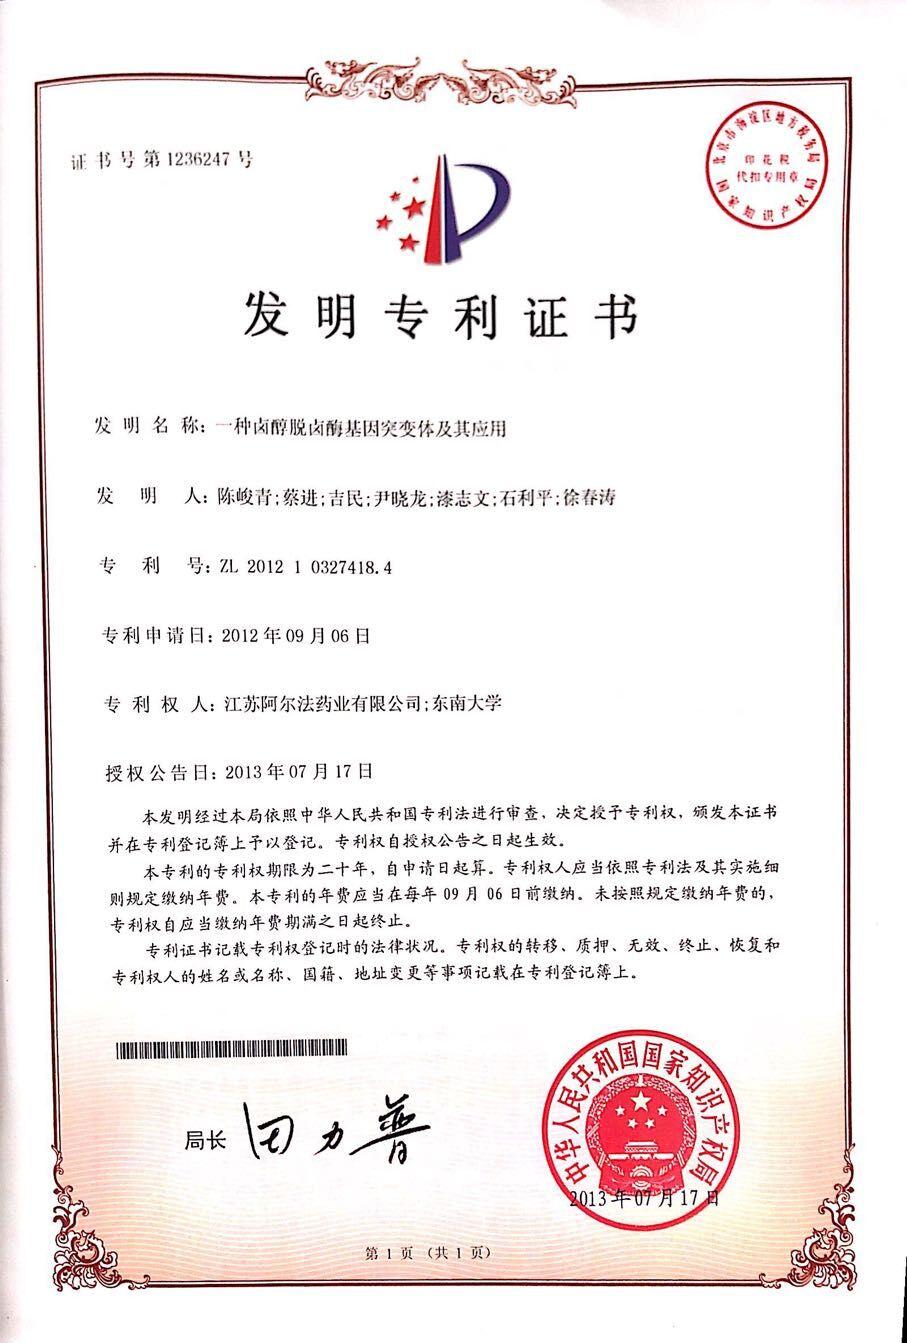 荣誉-专利-2.一种卤醇脱卤酶基因突变体及其应用